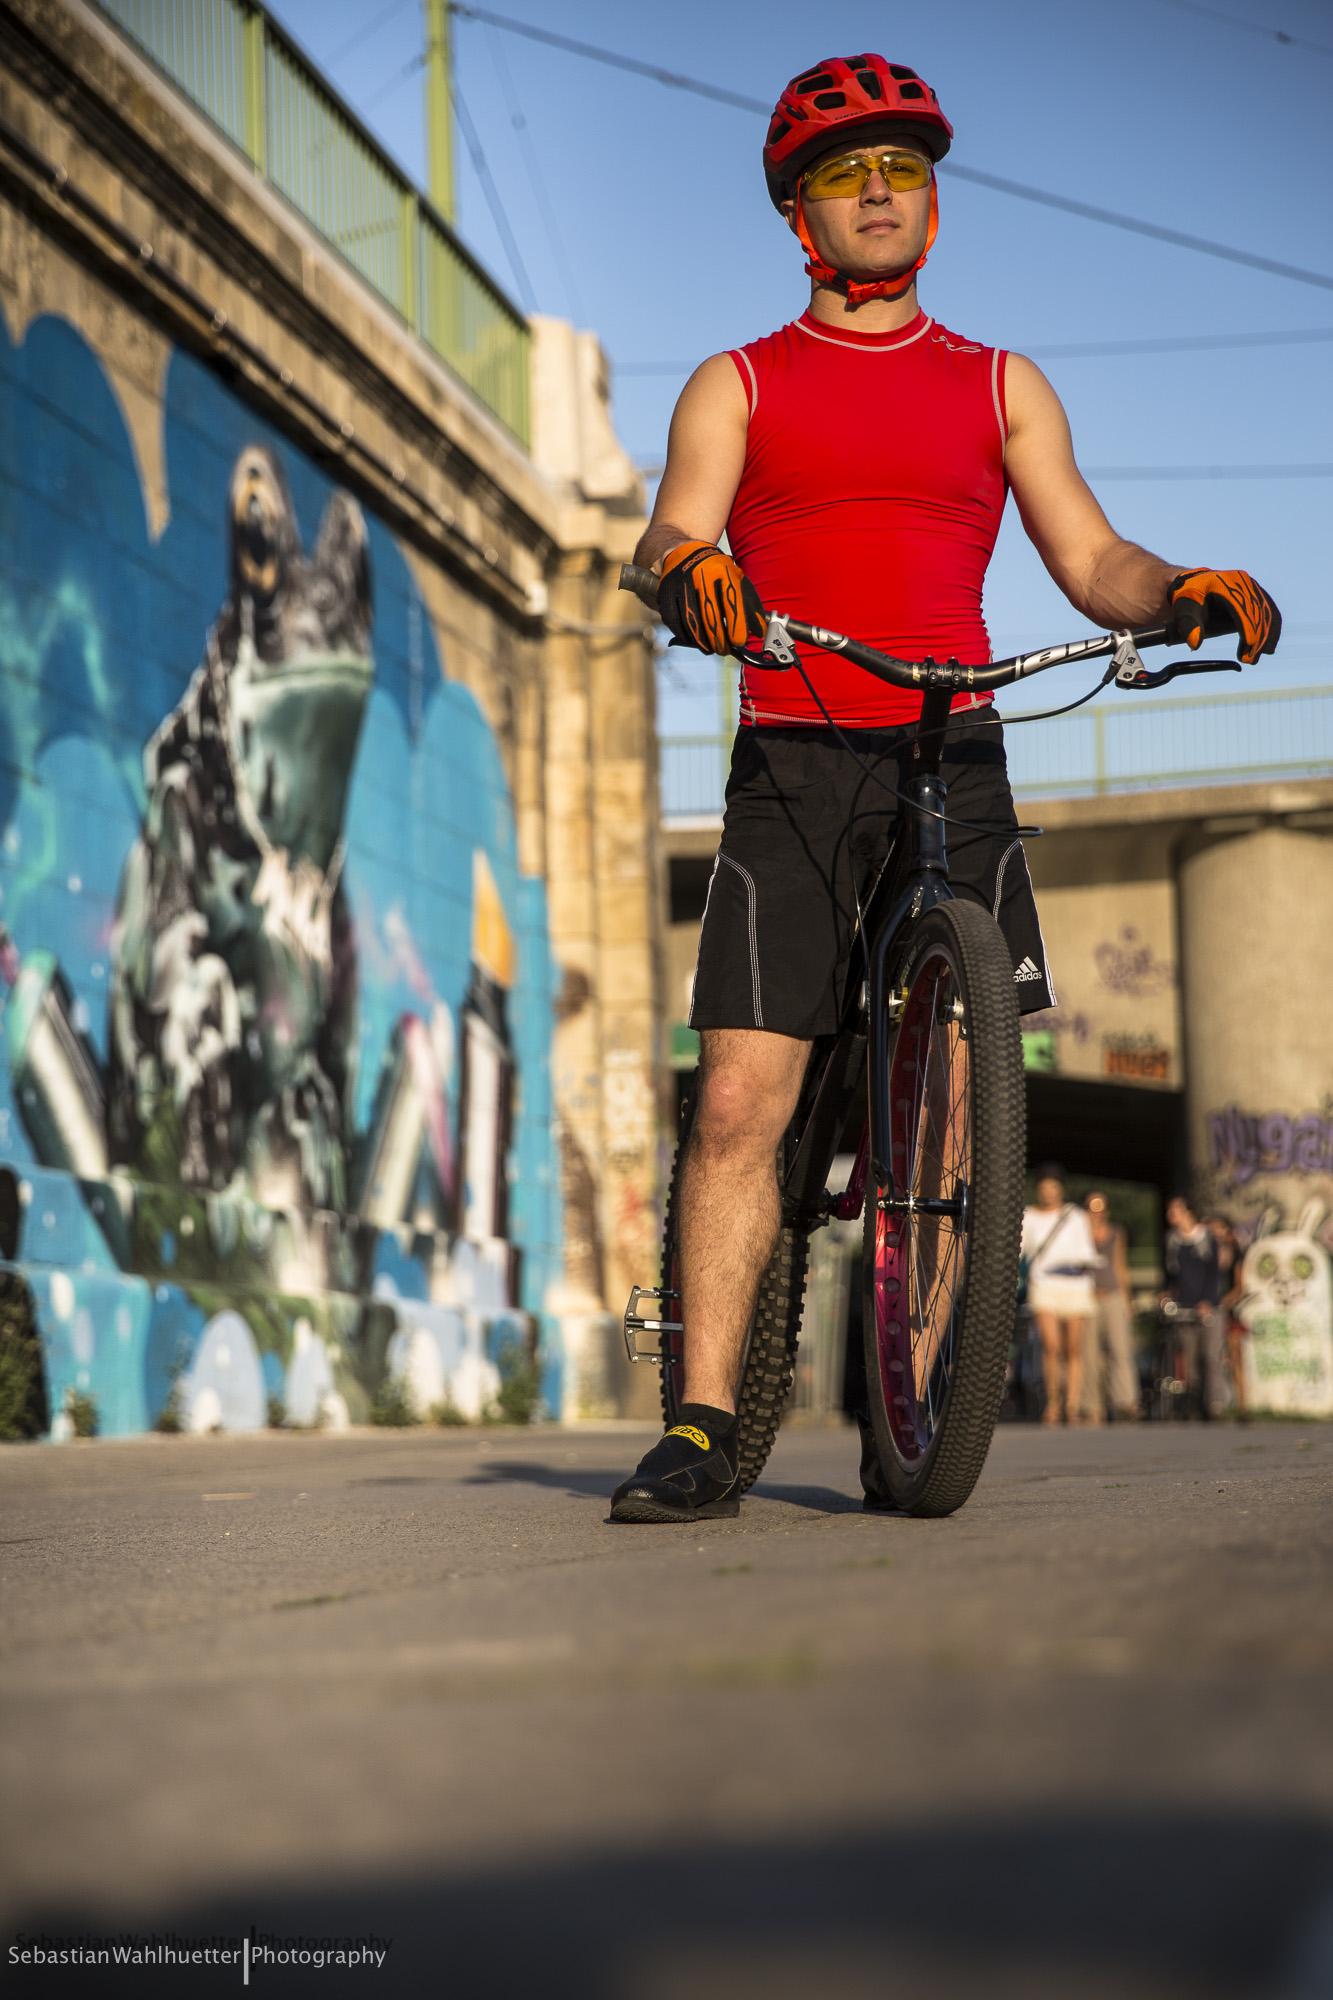 Biketrial-Wahlhuetter-Vienna-DK-1